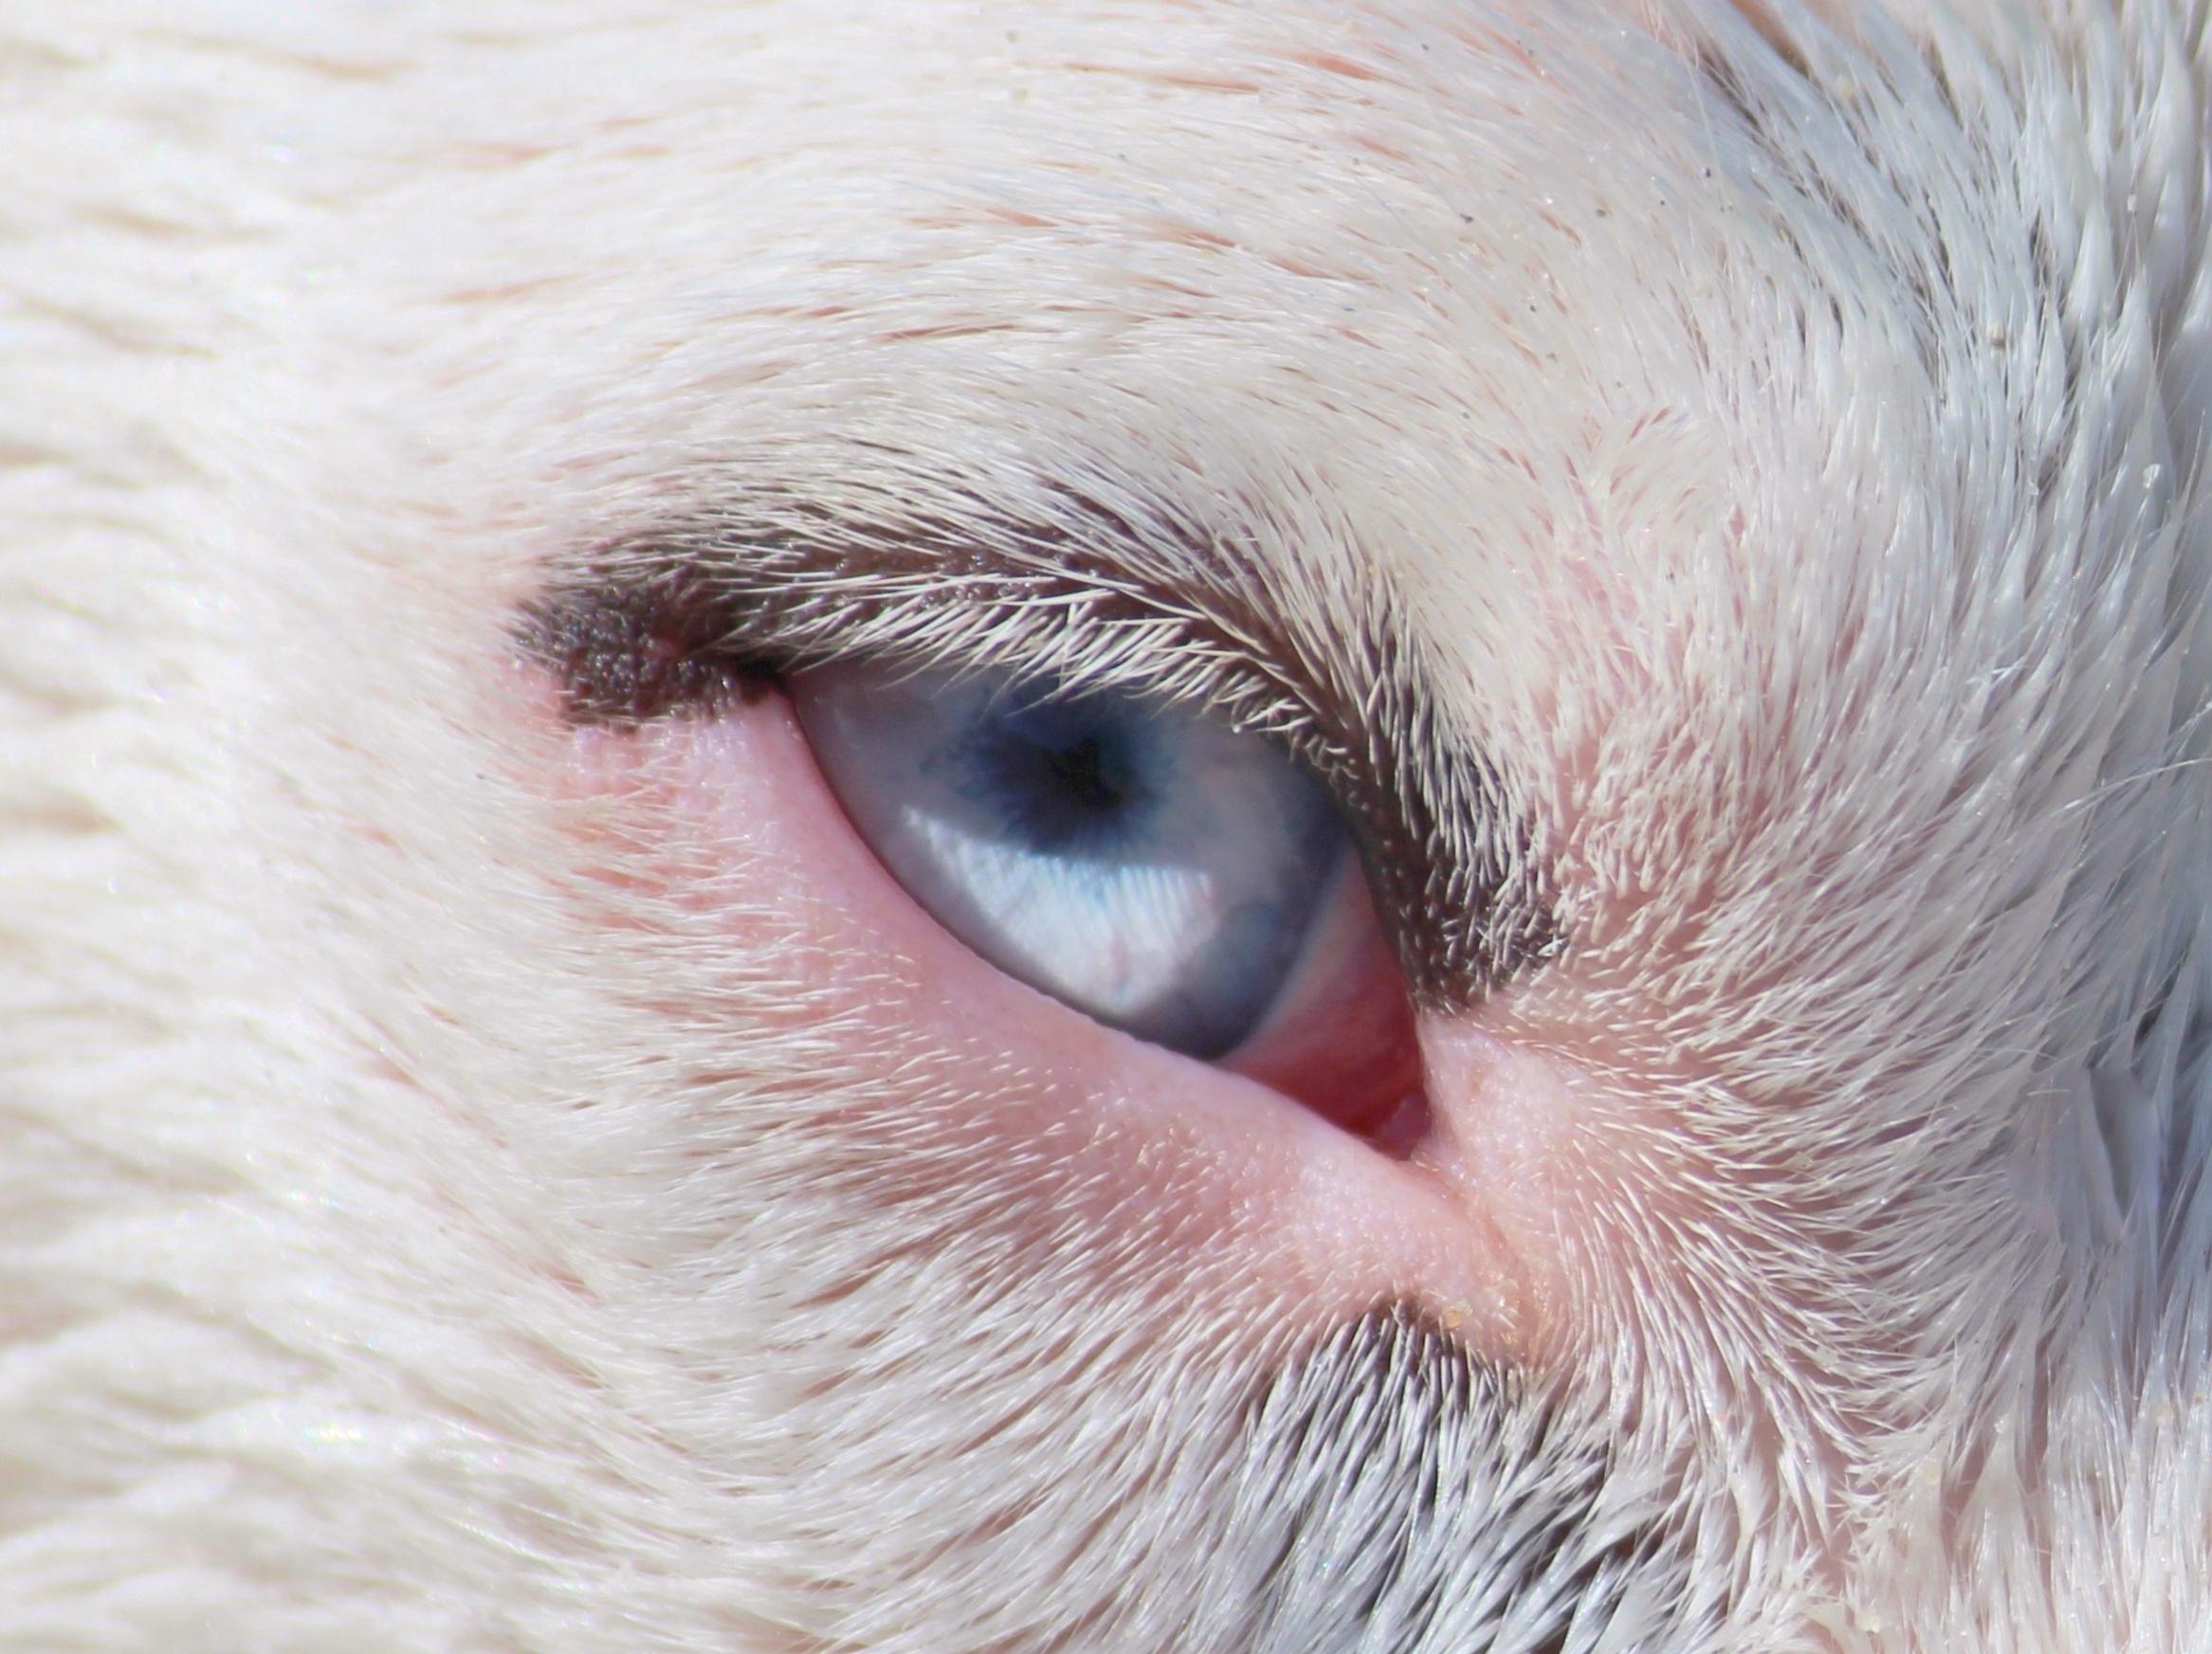 Kostenlose foto : Hund, Porträt, blau, Ohr, schließen, Mund, Wimper ...